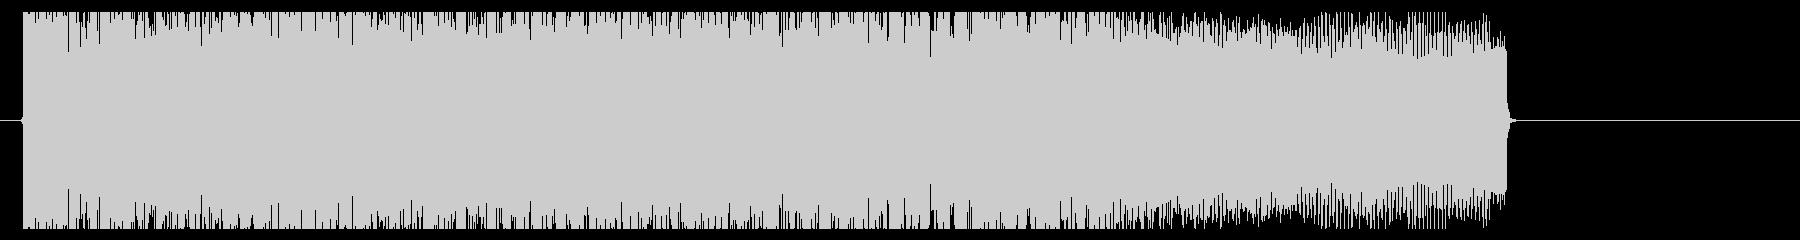 メタルコア(BPM220)リフジングルの未再生の波形